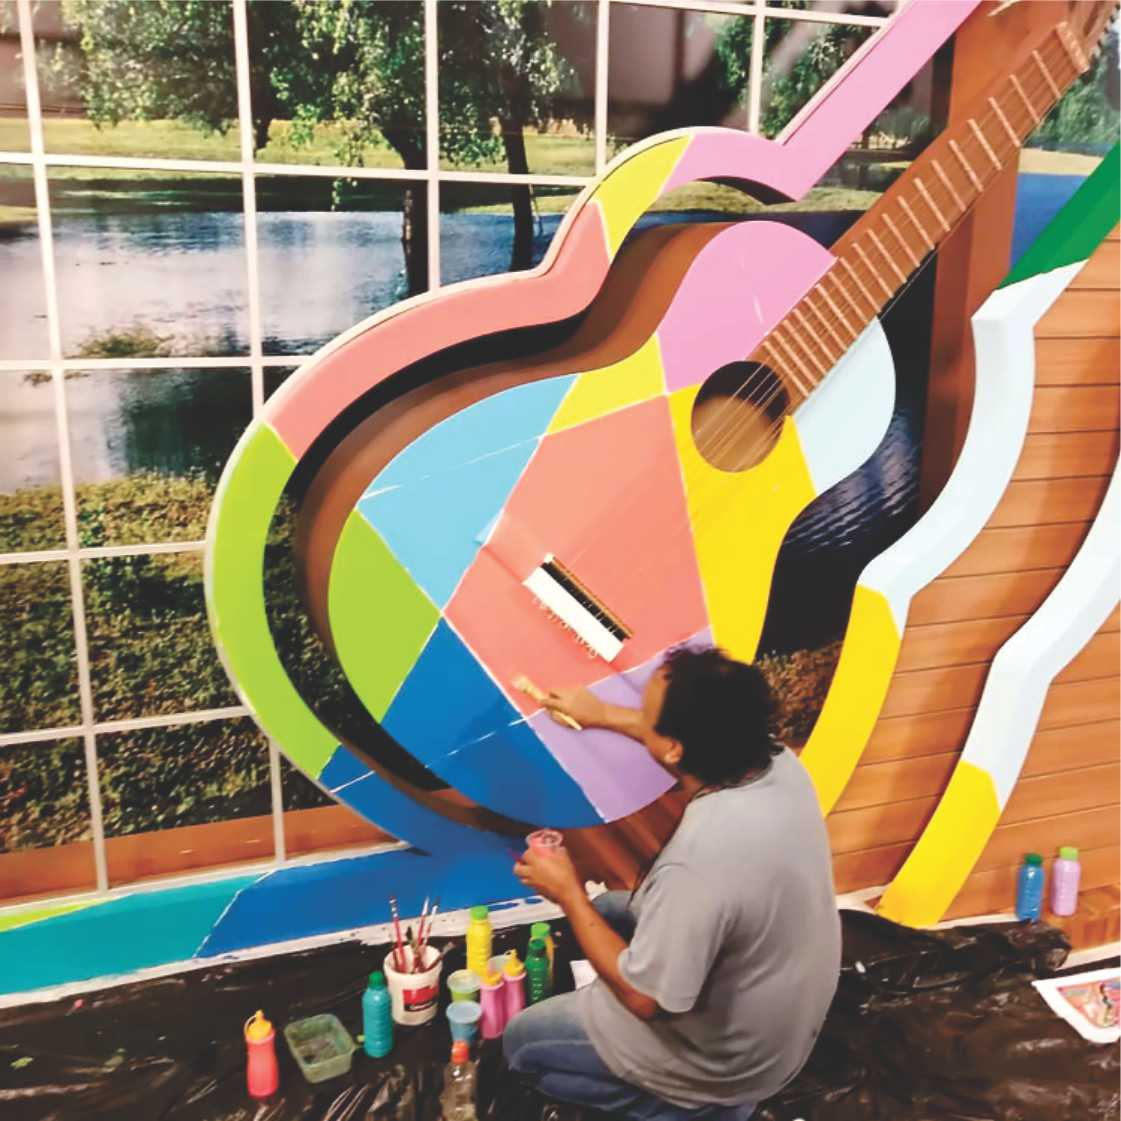 carlos-vera-artes-visuais-vasos-cerâmica-cores-forma-galeria-issac-de-oliveira-espaço-arte-campo-grande-ms-2020